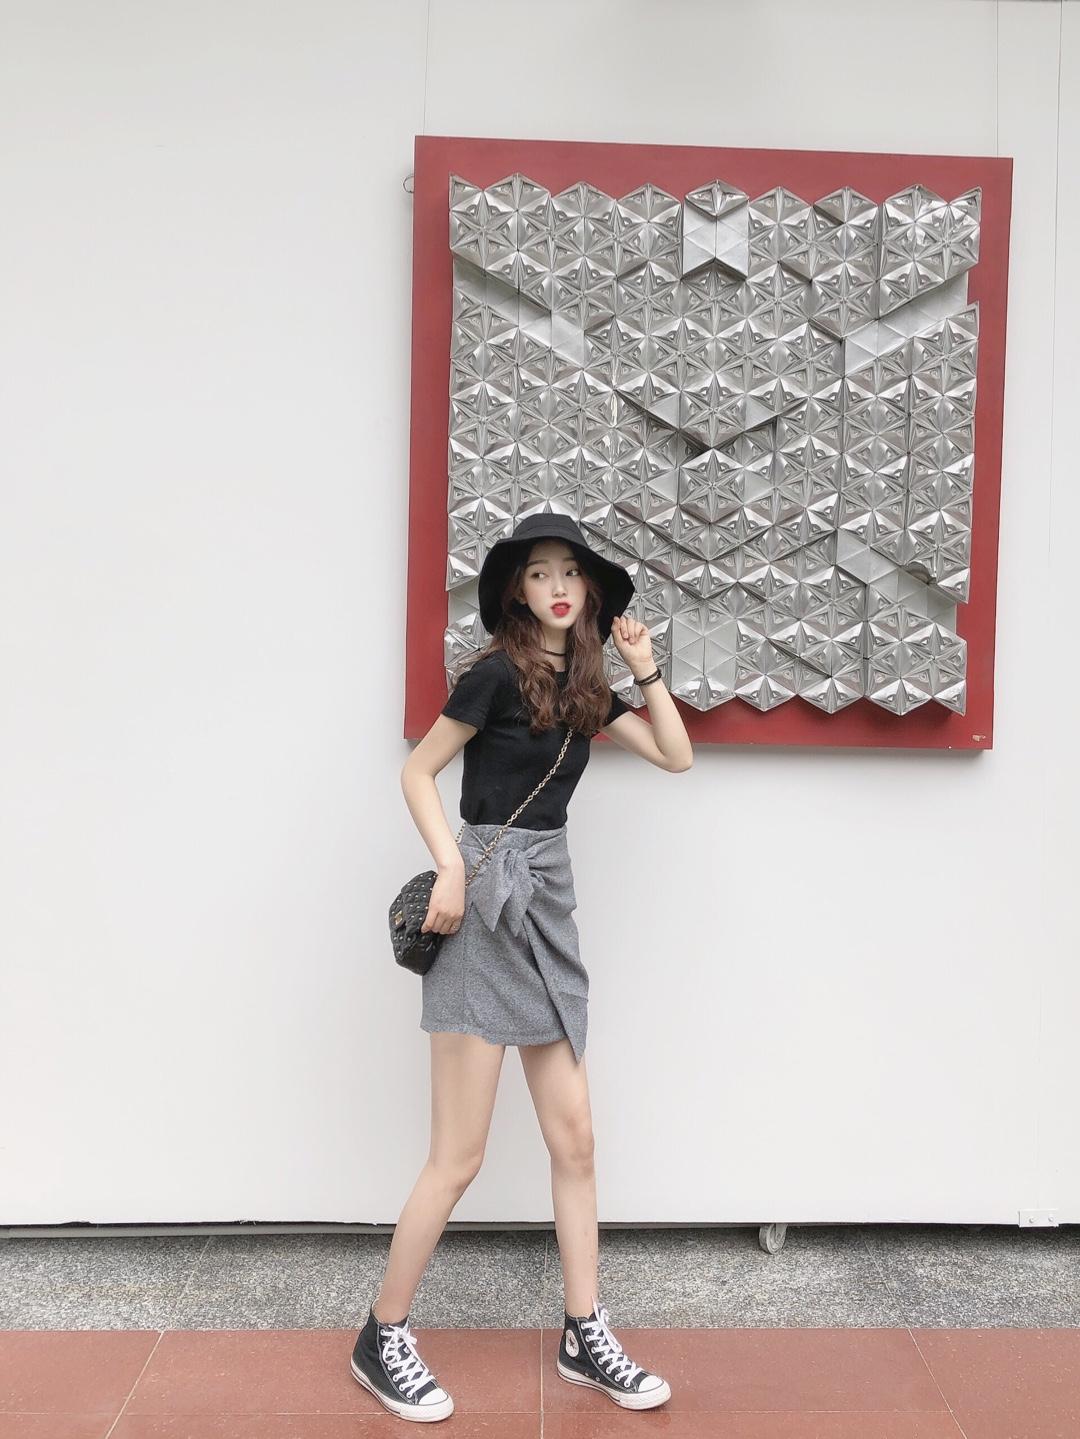 #收藏春装范本,出门立省10分钟#  今日分享一款适合职场又不显年龄的穿搭 黑色配灰色是很舒服的一个搭配  这款半身裙超级推荐 系带的设计很有特色